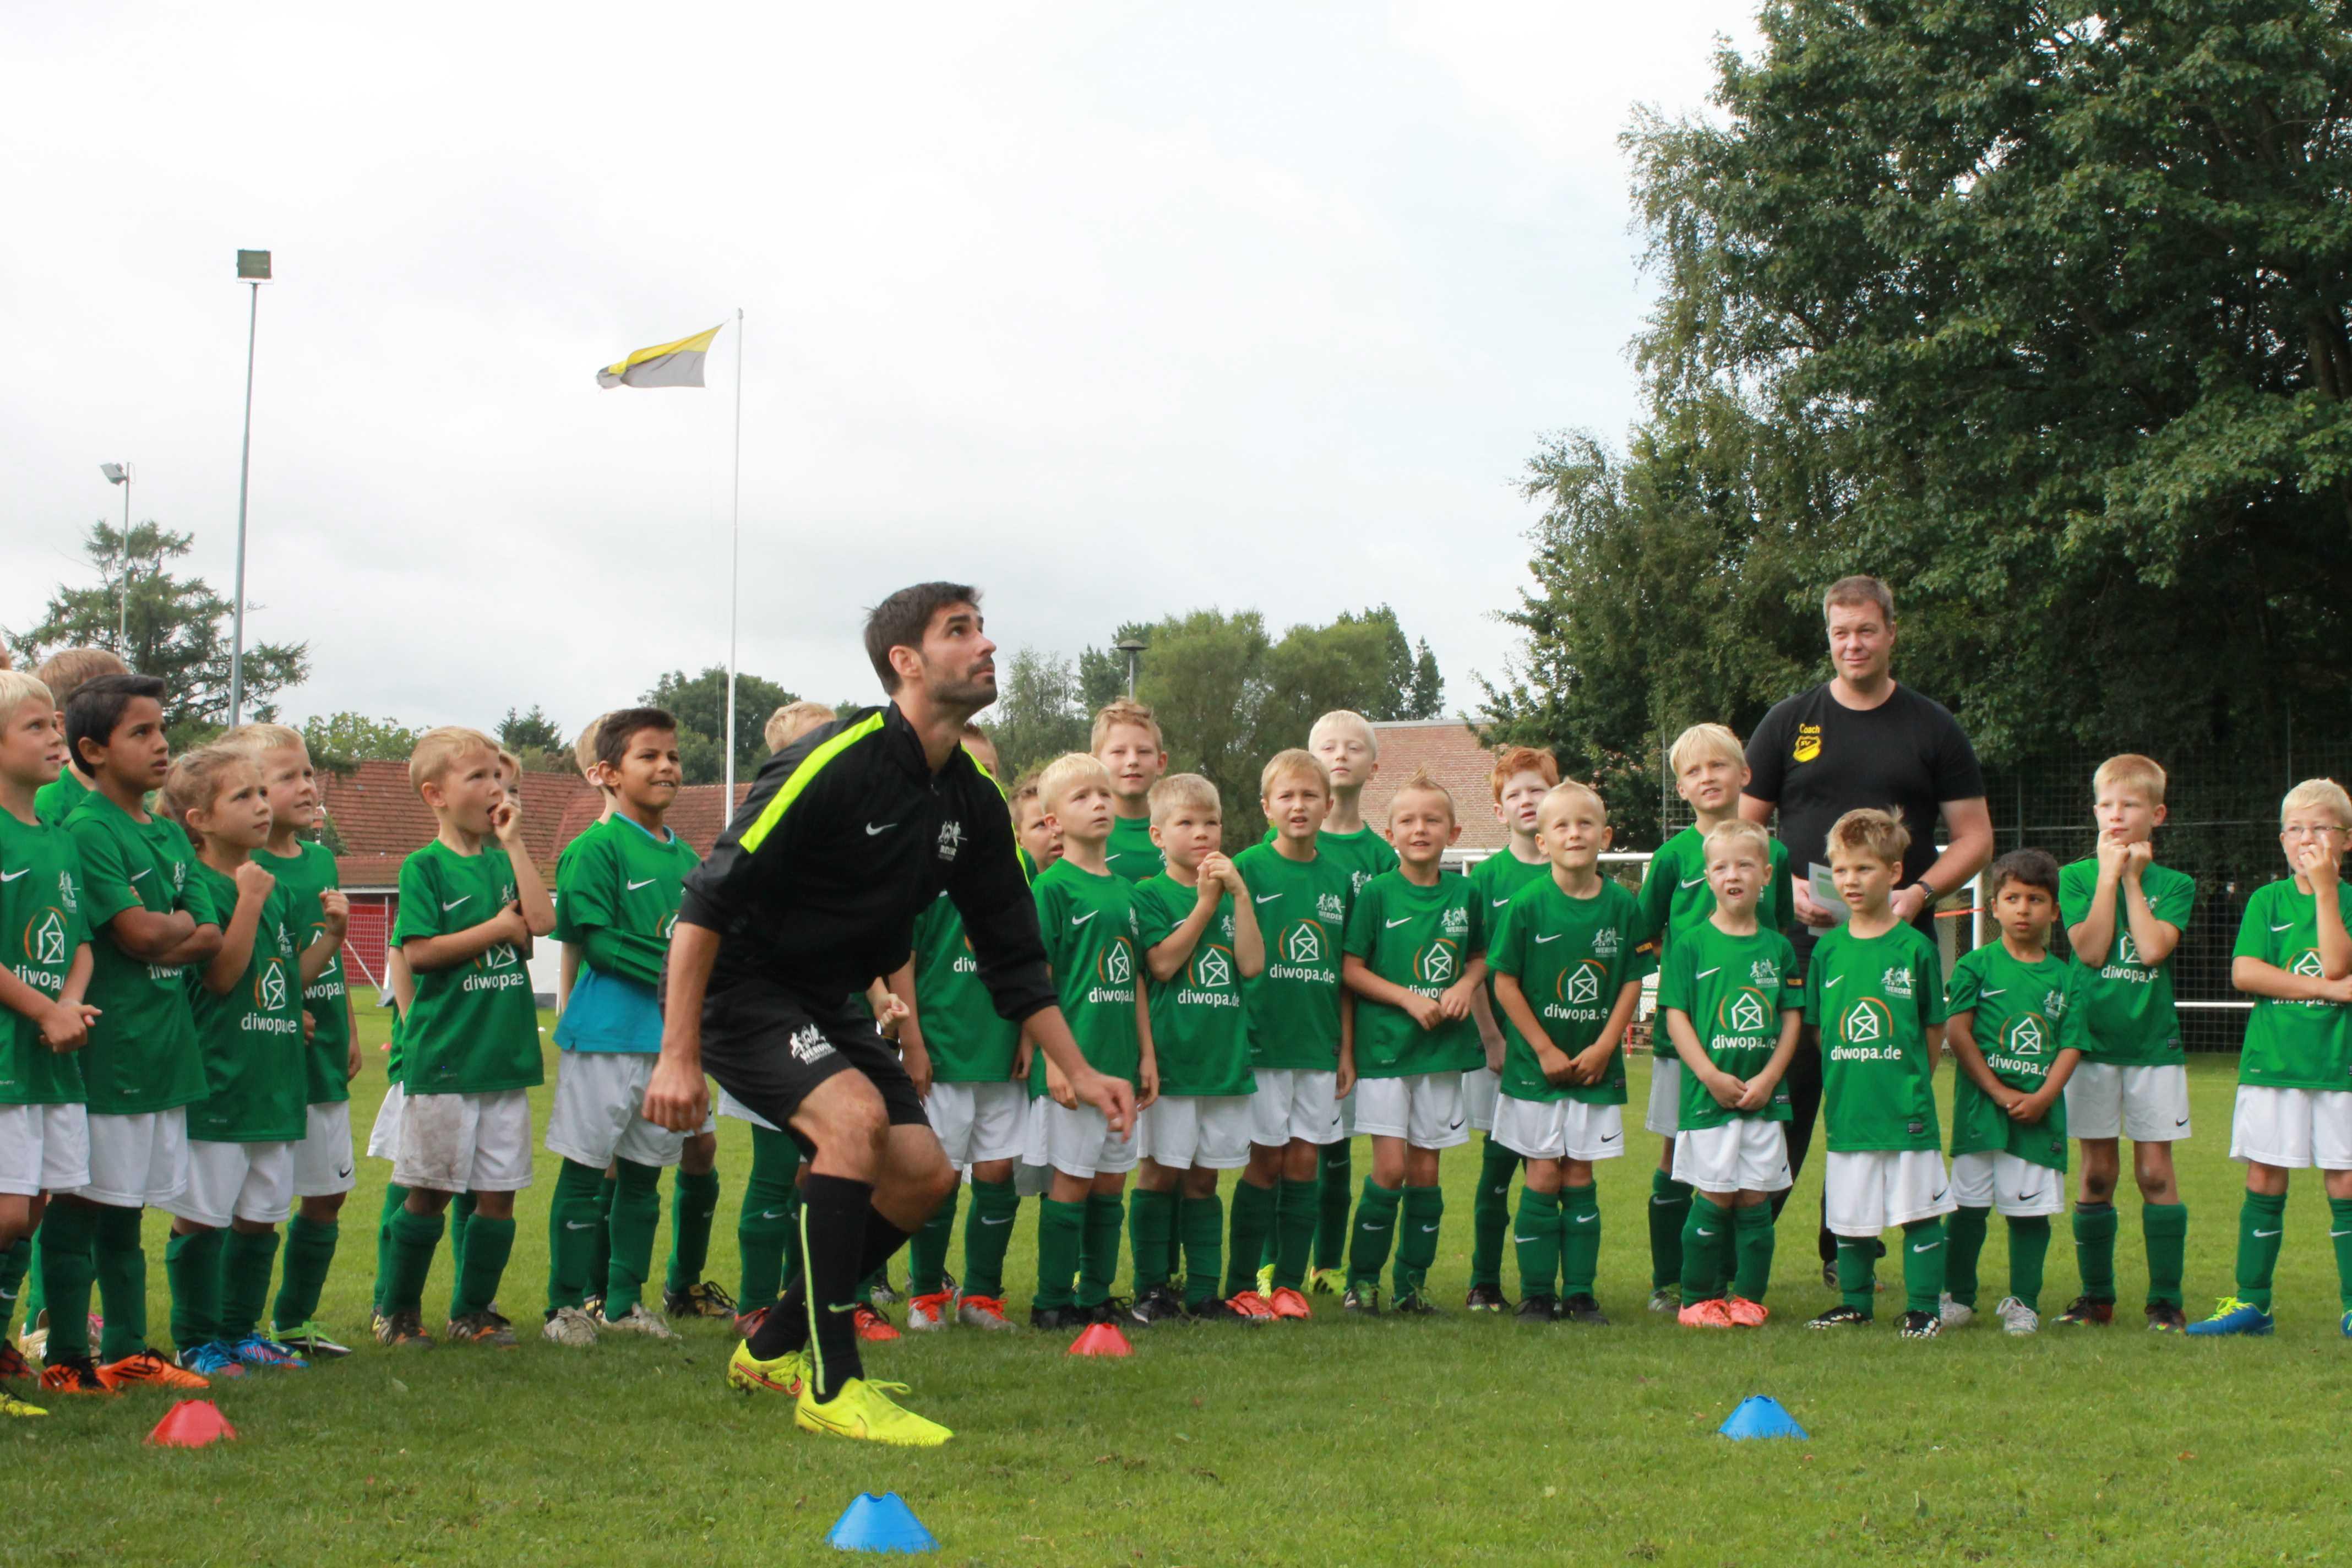 2016-08-13 Werder CAMPontour - Samstag (15)